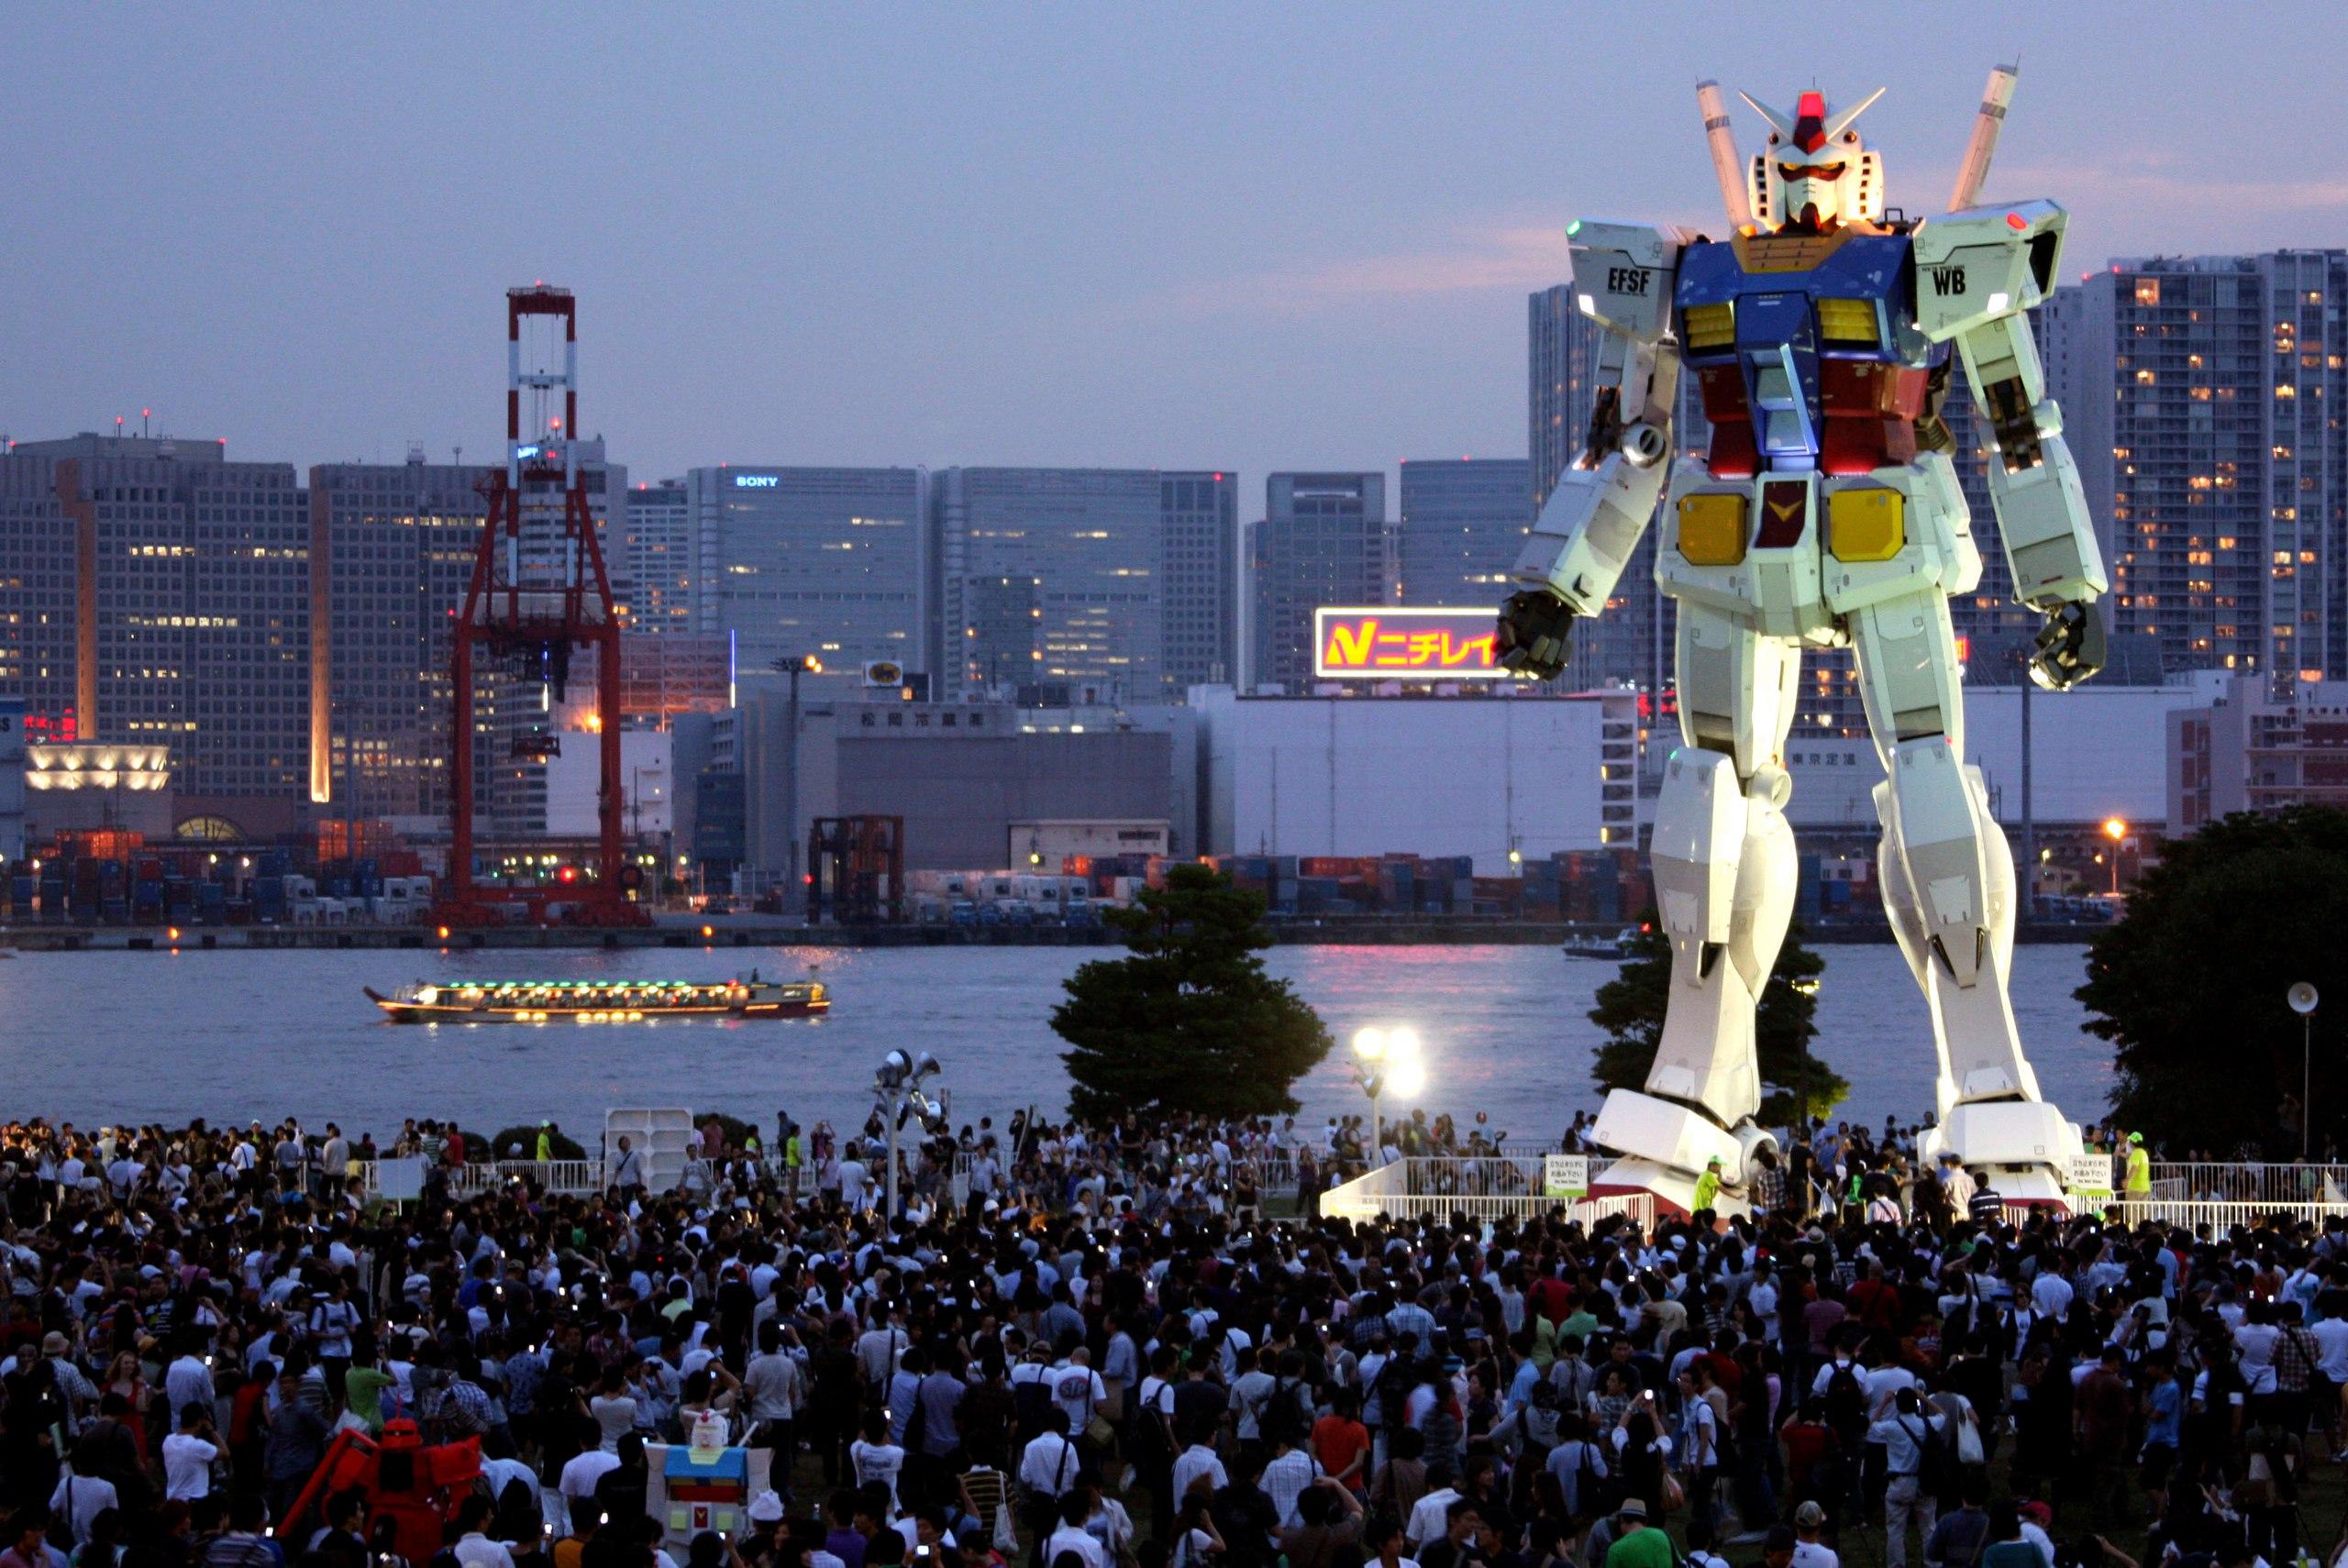 Статуя Gundam RX-78-2 из оригинального аниме 79 года Mobile Suit Gundam. Статуя, оснащенная звуковыми и дымовыми эффектами, а также подсветкой, располагается на искусственном острове Одайба. Неподалеку также можно найти тематическое кафе Gundam с едой в форме роботов.